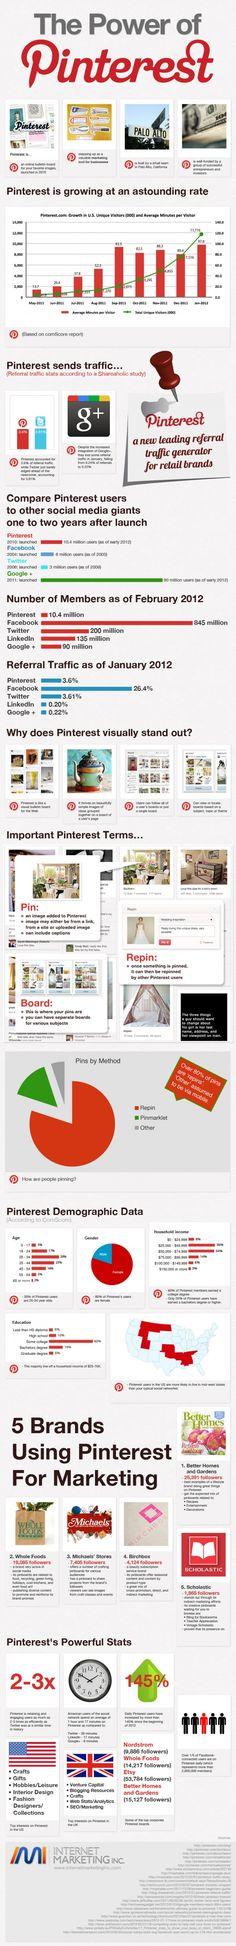 El poder de Pinterest, una red social en crecimiento. #socialmedia, #redessociales, #marketingredessociales, #marketinginternet, #pinterest